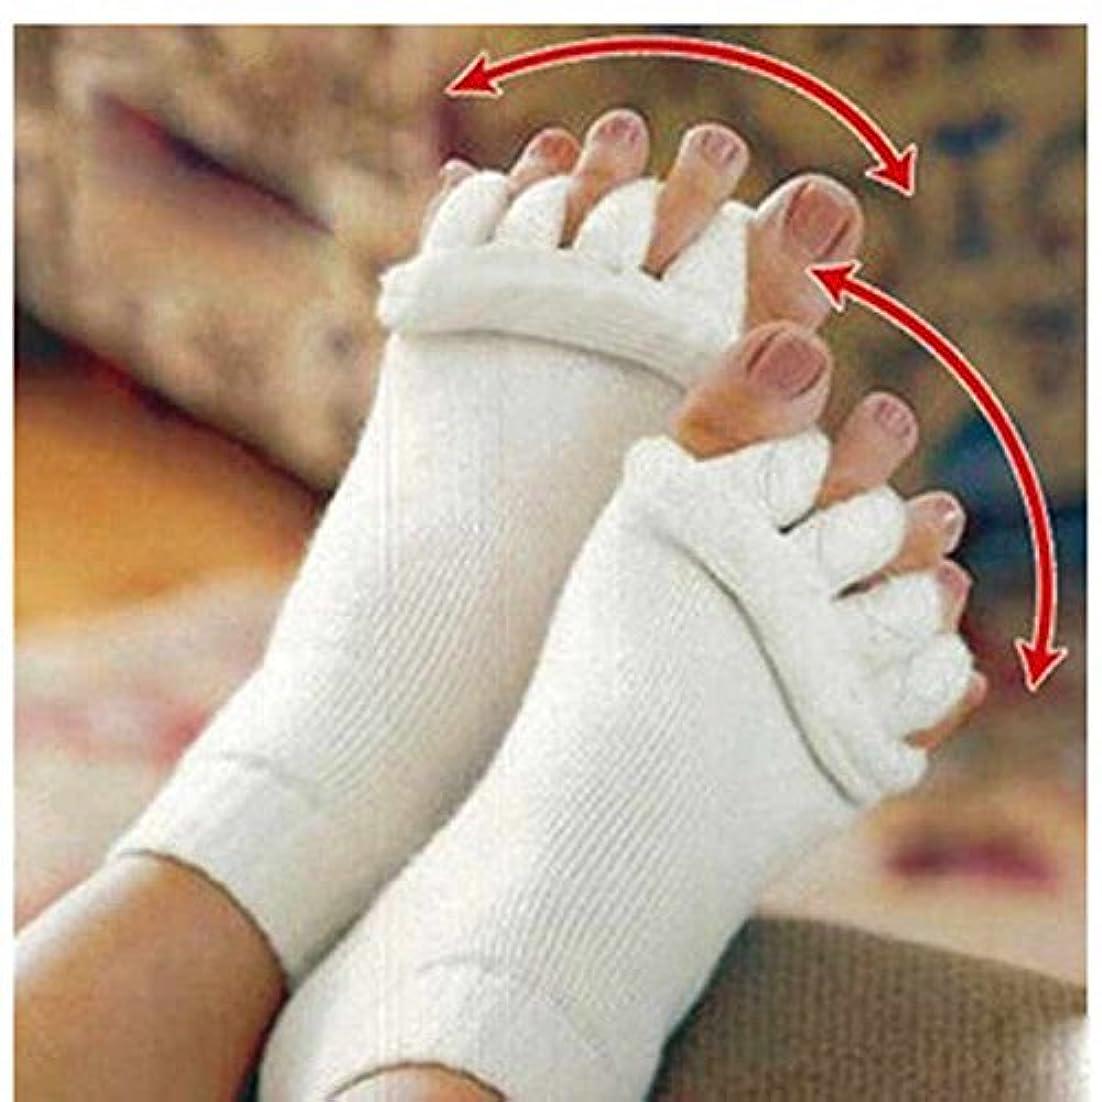 見る人スカリースタジアムLorny(TM) 2個マッサージファイブつま先ソックス指セパレーター骨の親指女性ソックスのためにコレクターの痛みを軽減するソックスペディキュア足セパレーターについて